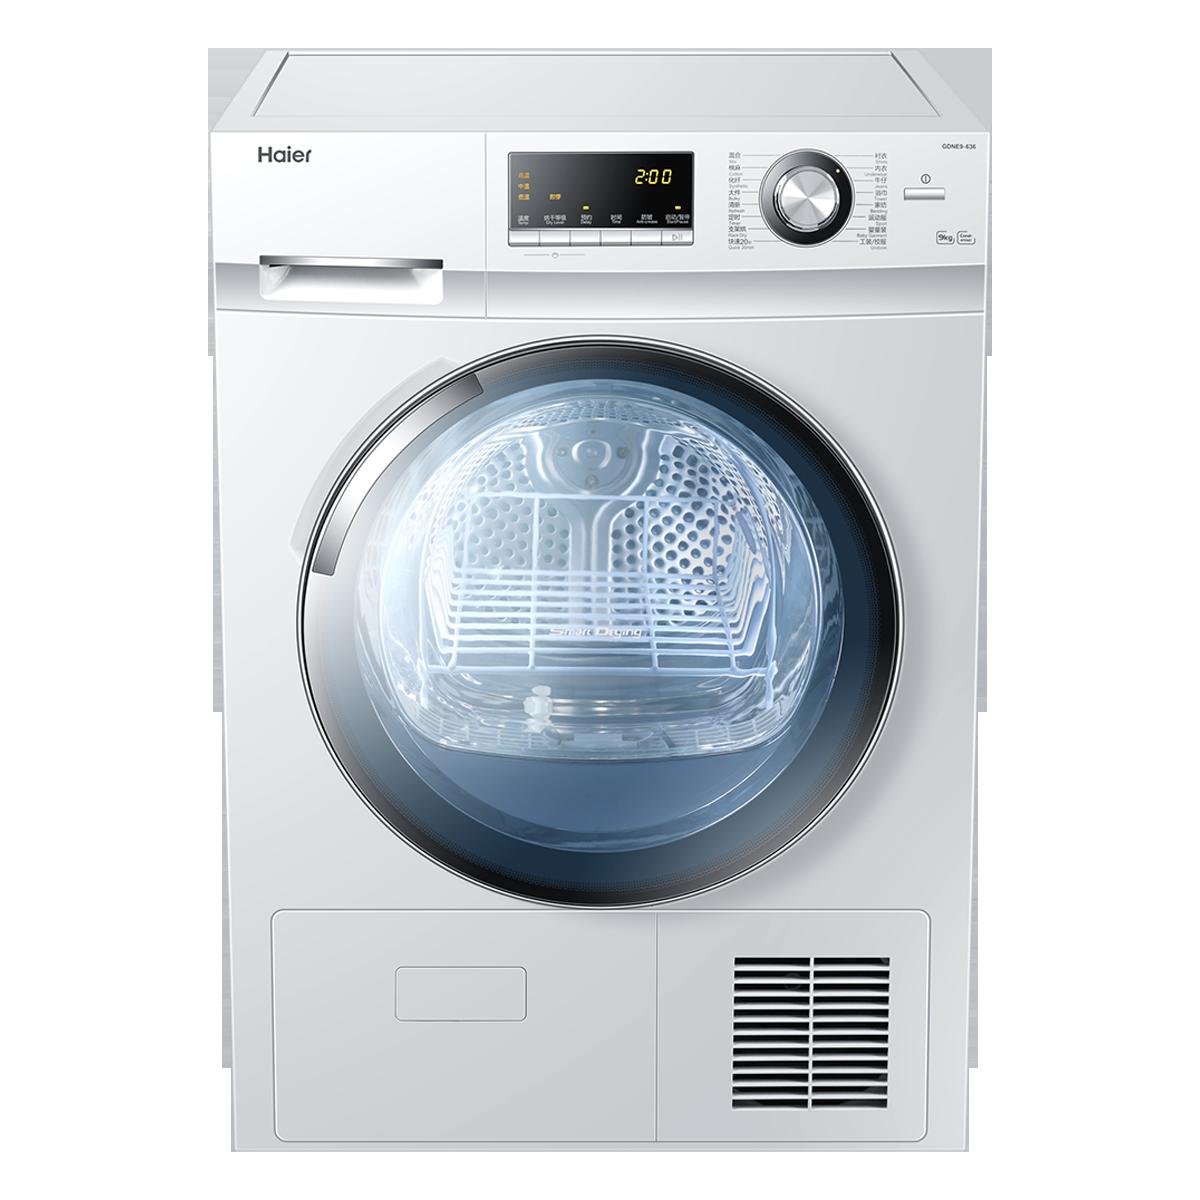 海尔Haier洗衣机 GDNE9-636 说明书